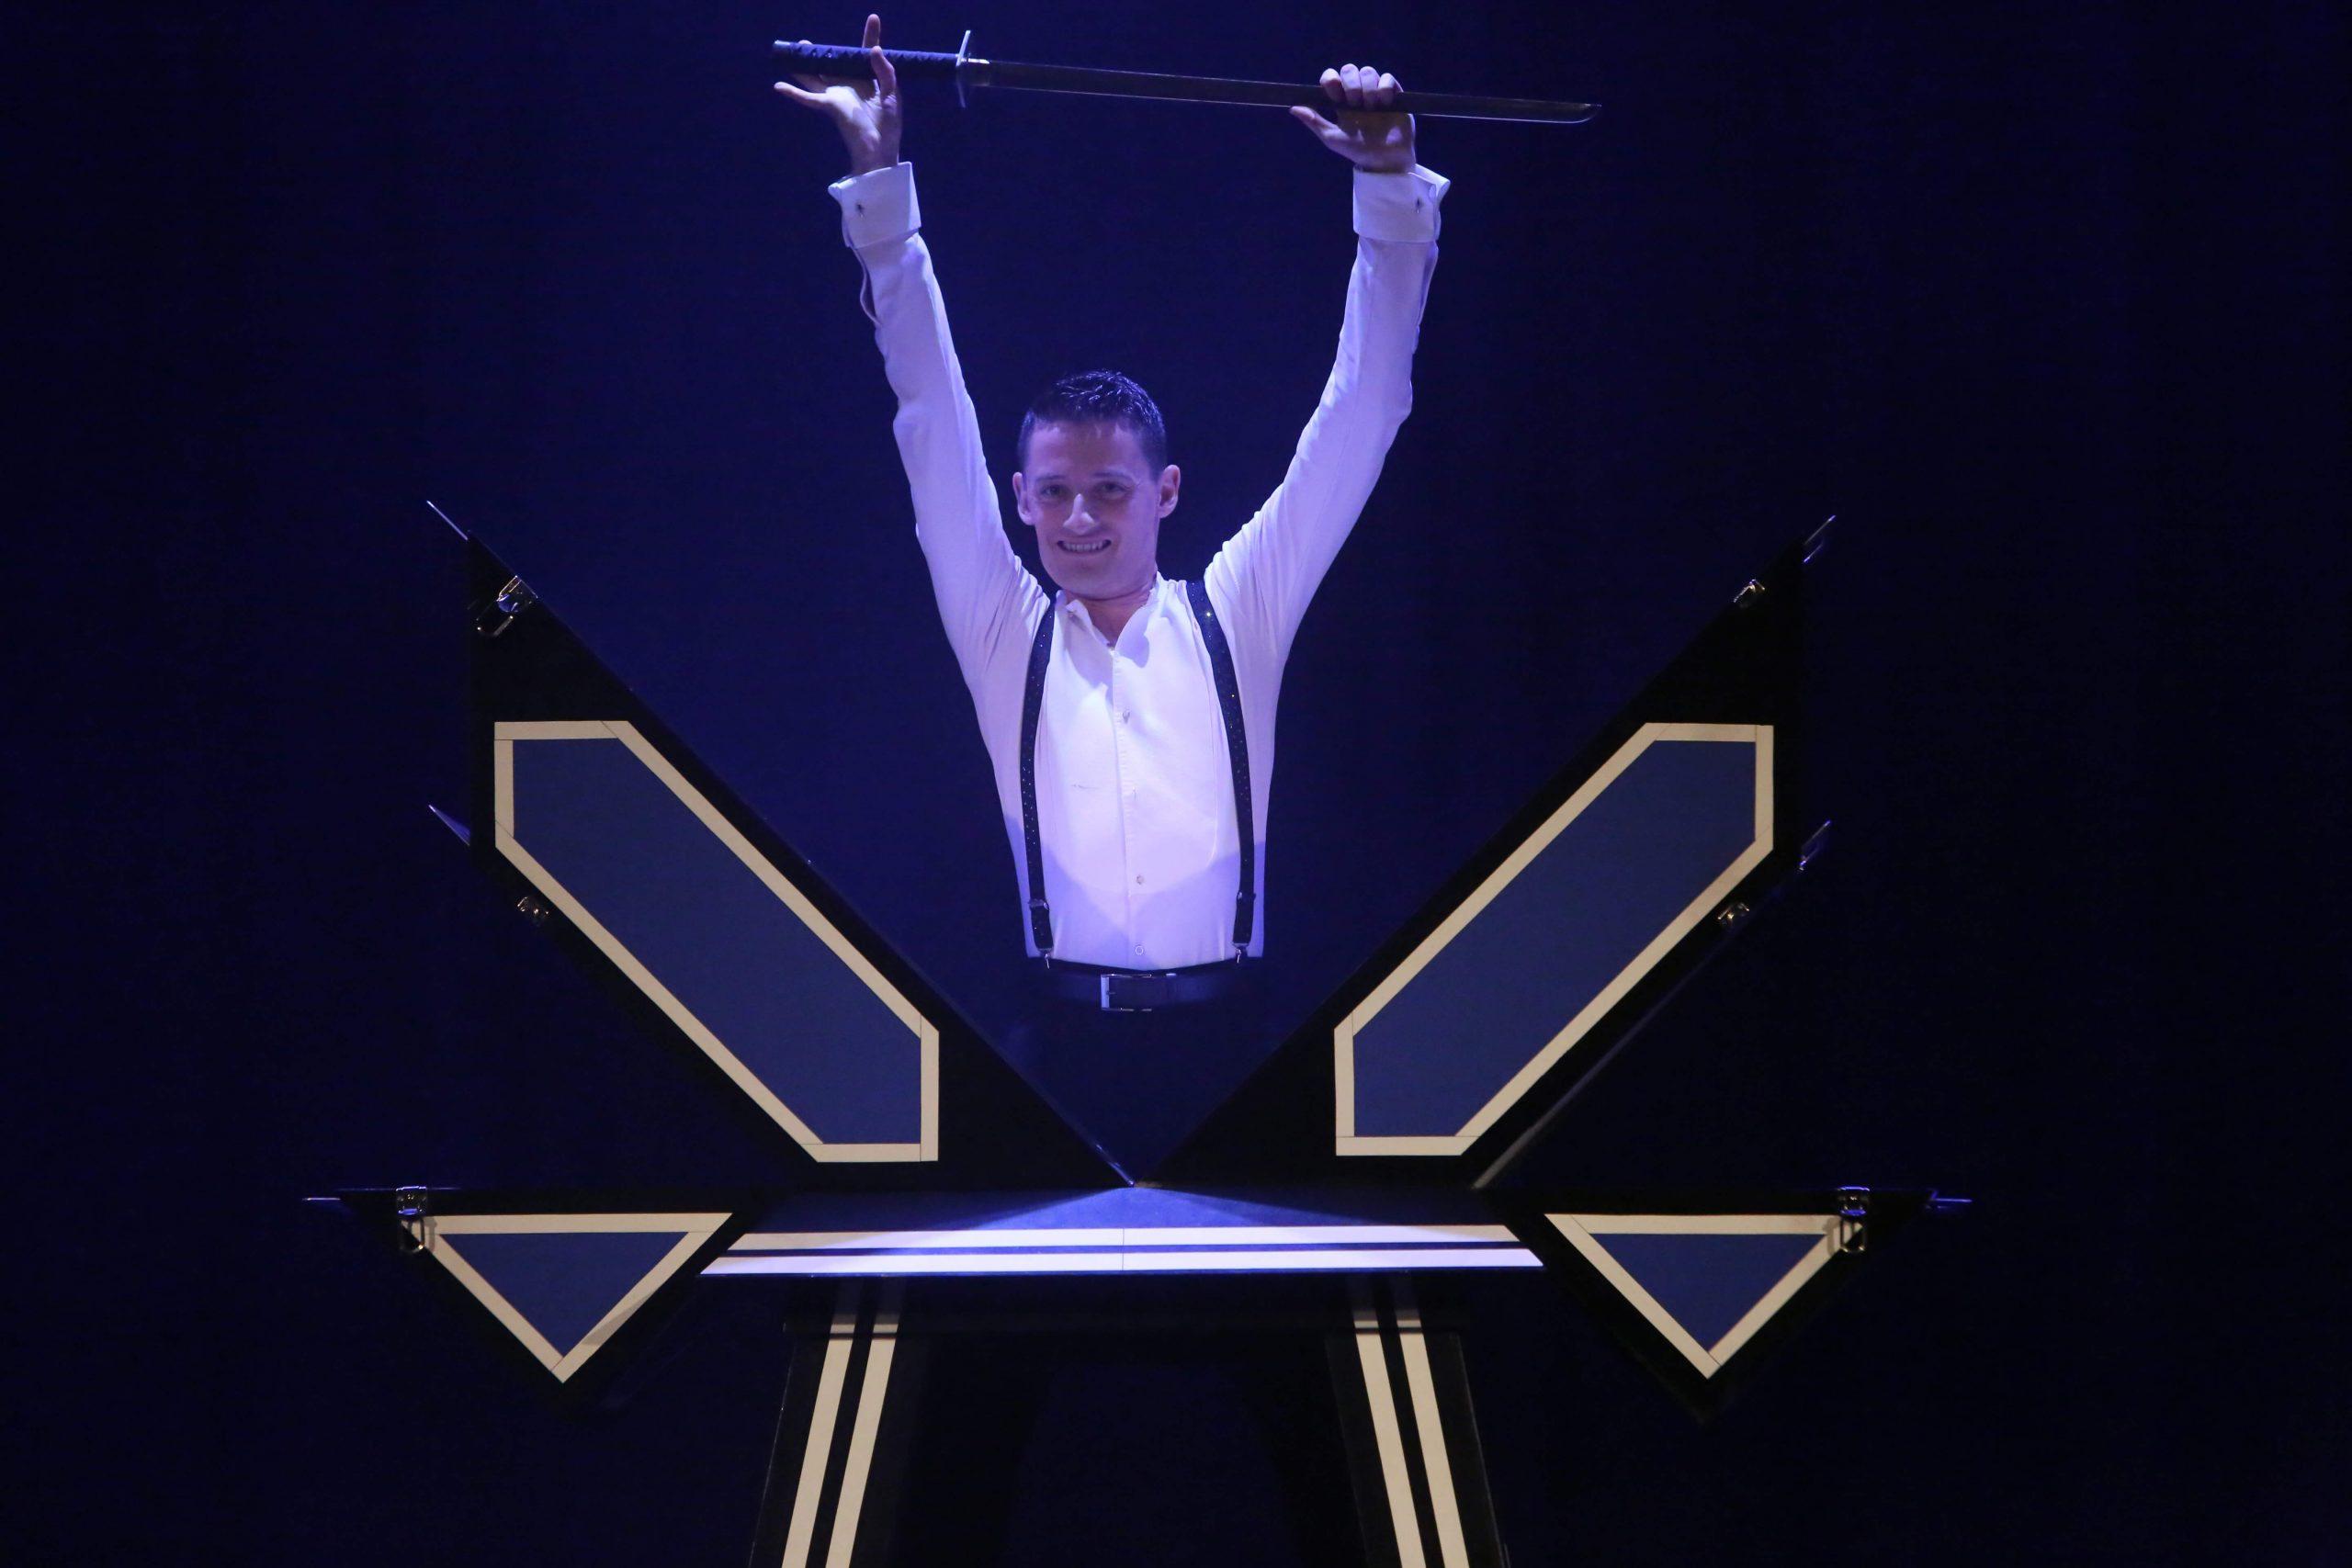 Vorentscheid - Meisterzauberer & Großillusionist Felix Jenzowsky